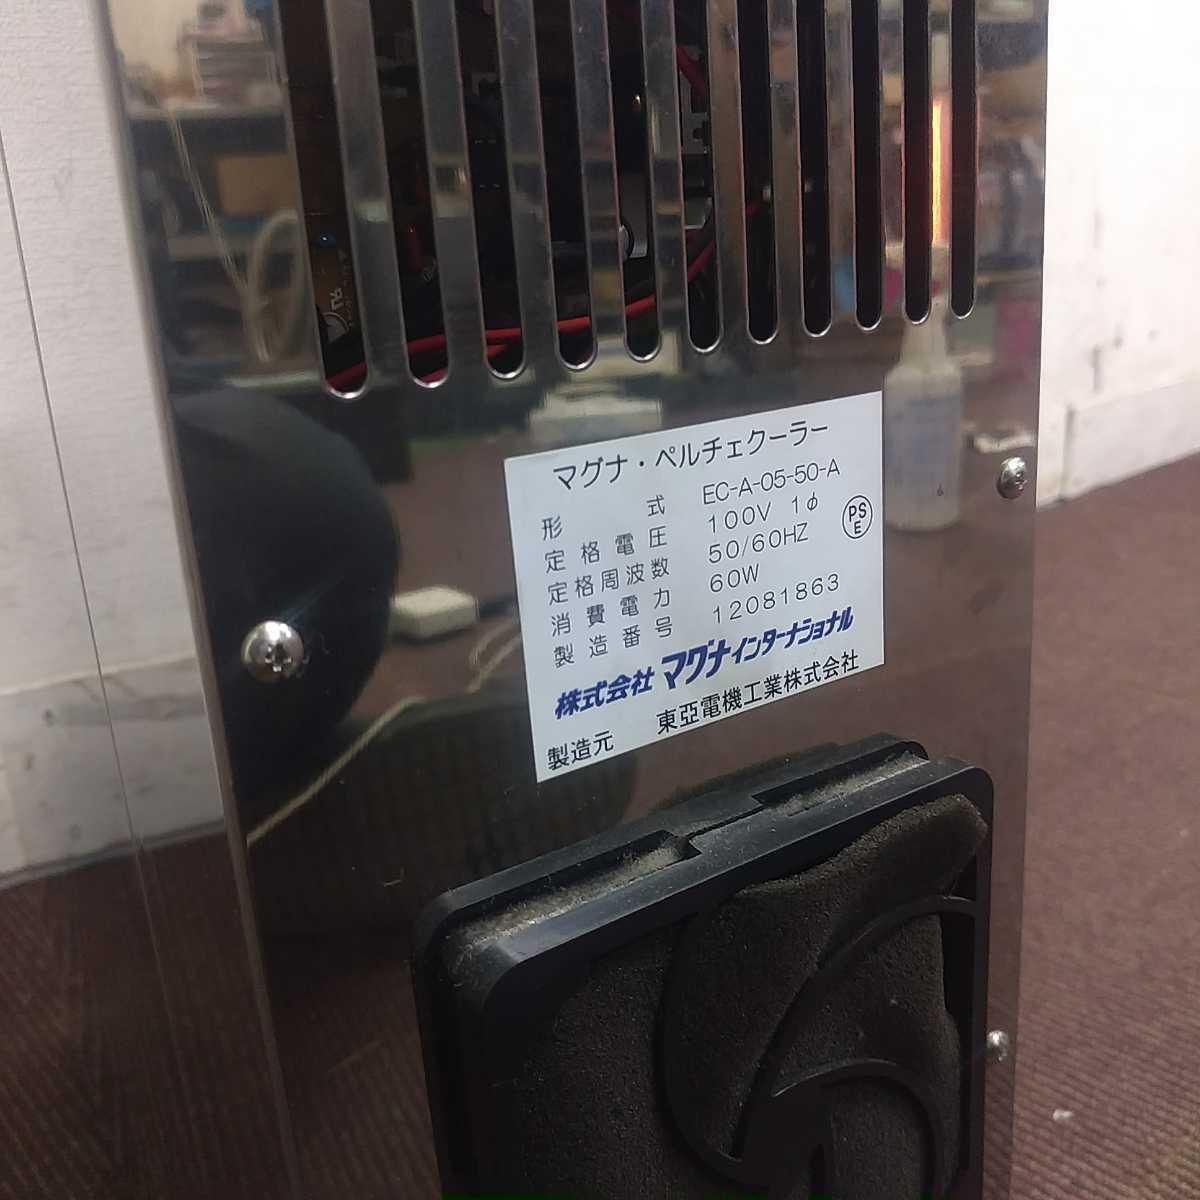 業務用 マグナ ペルチェクーラー 通電確認済み! 冷蔵庫 クーラーボックス EC-A-05-50-A 格安売り切りスタート☆ 残り個数3_画像3